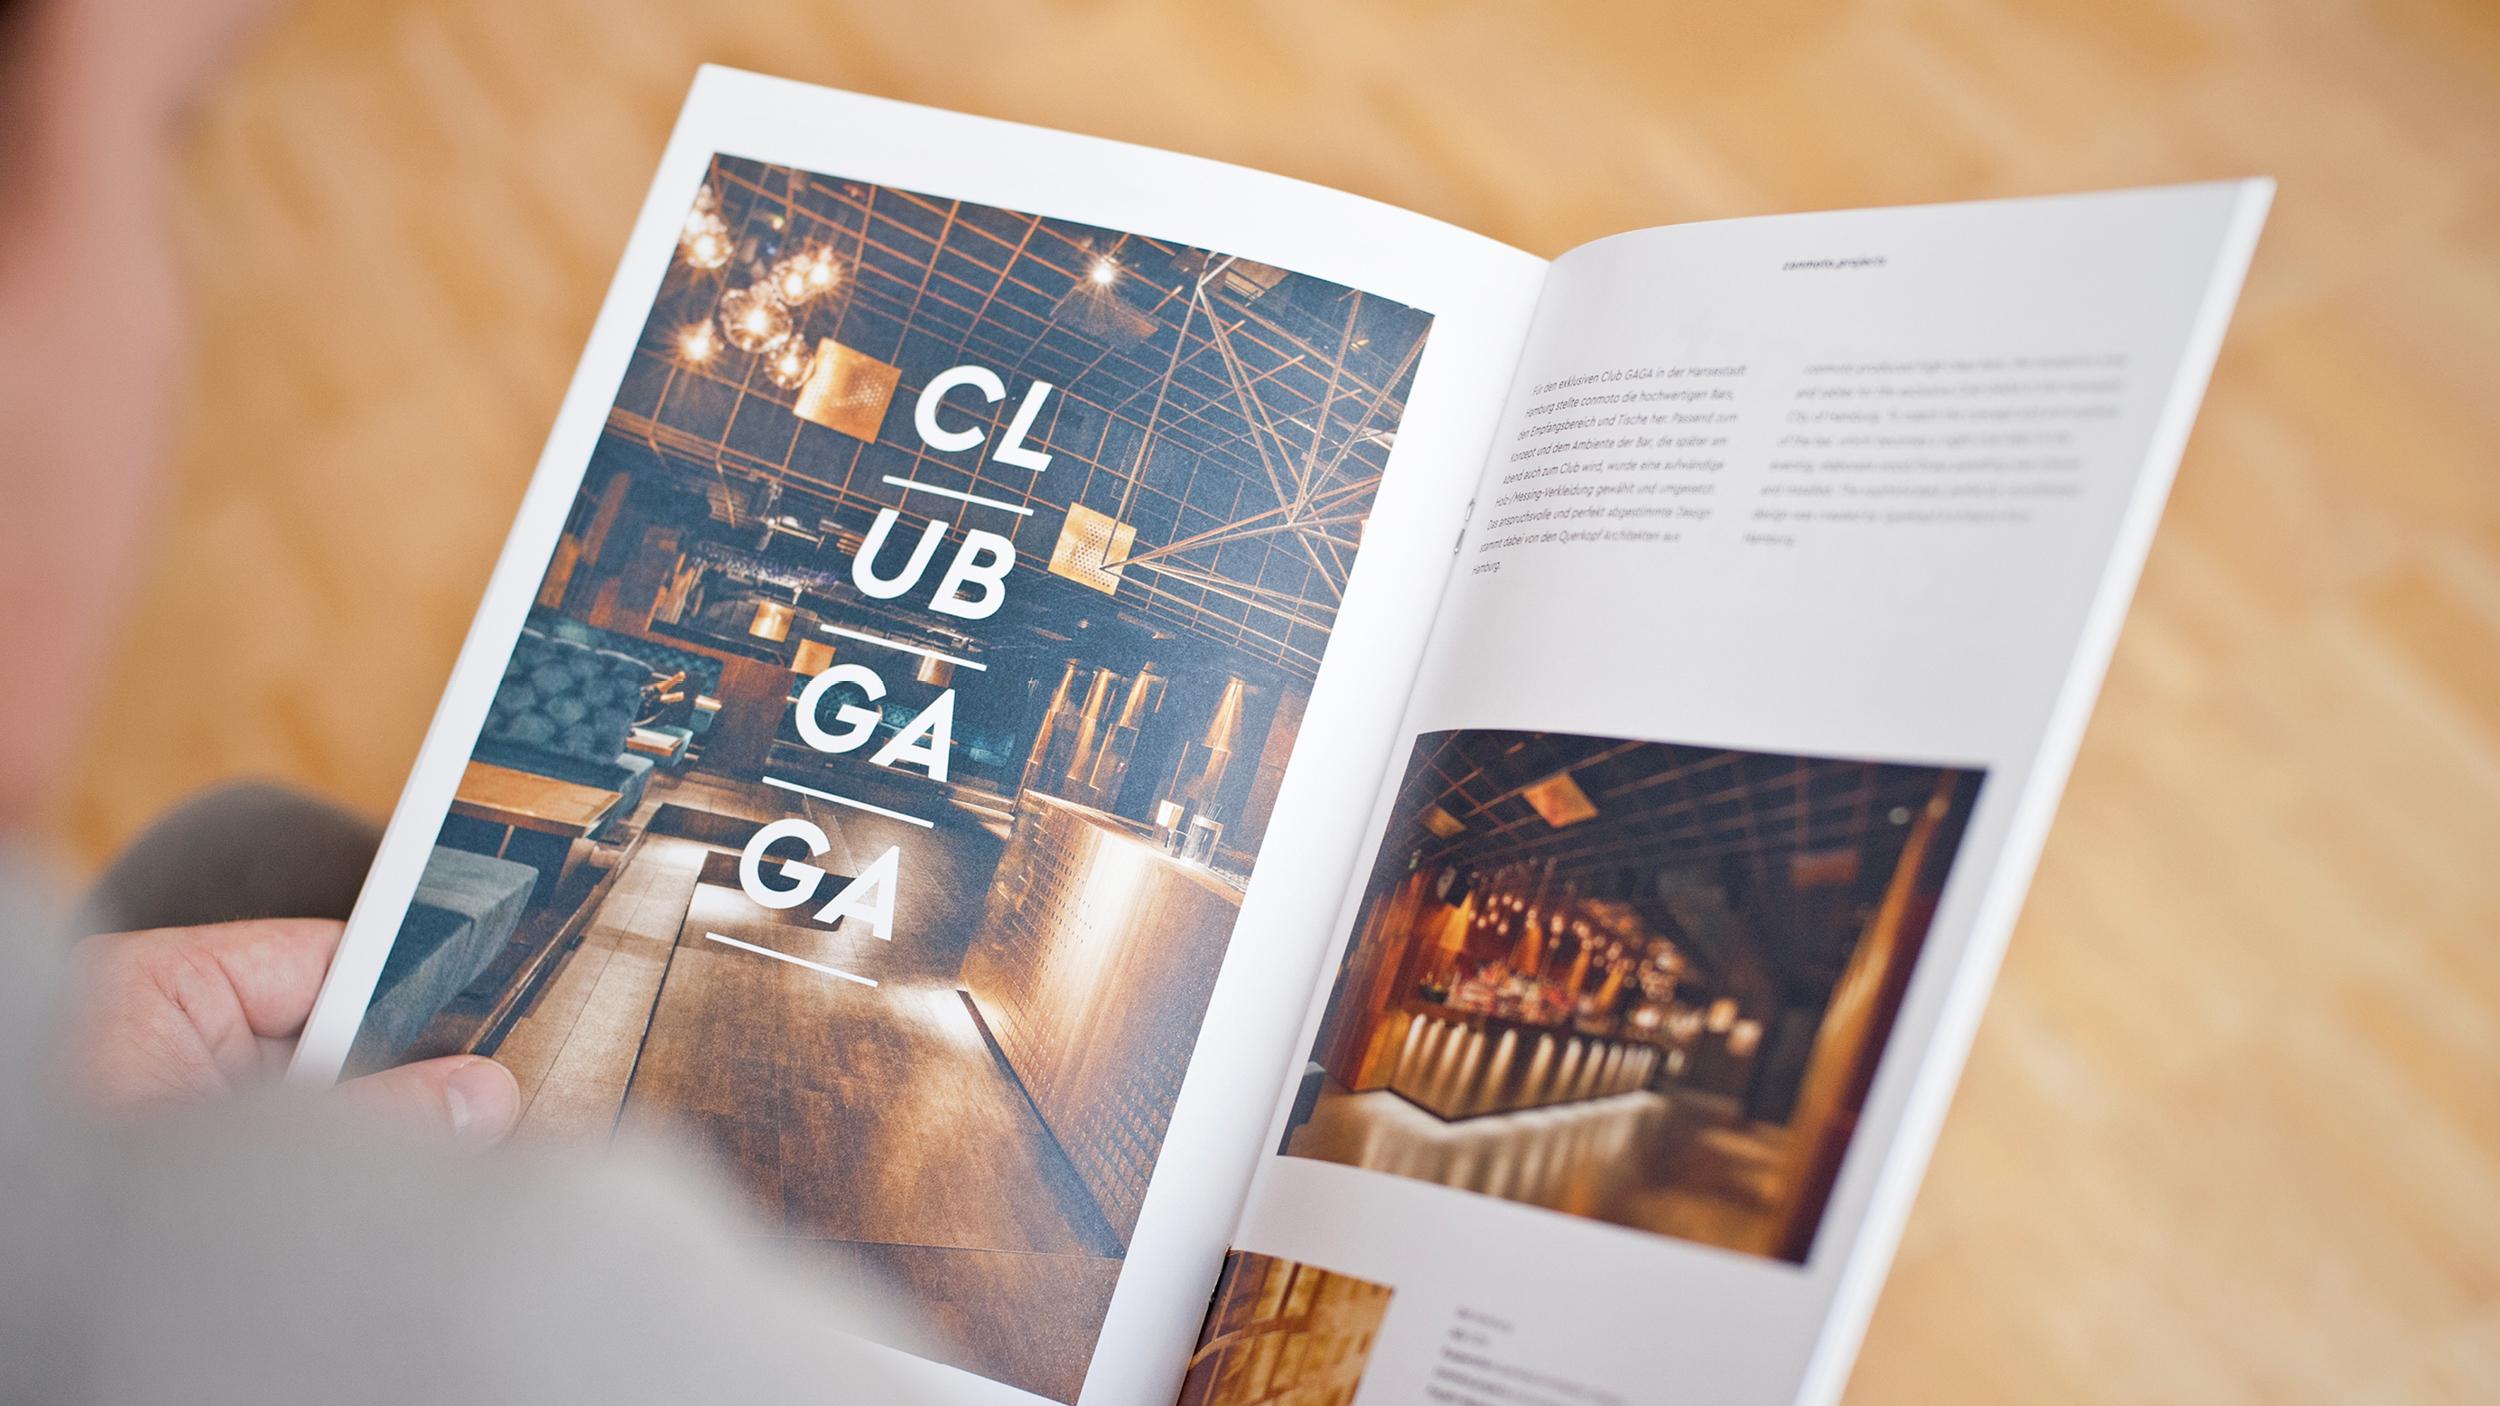 UNGESTRICHEN_conmoto catalogs 2010_start_0114.jpg